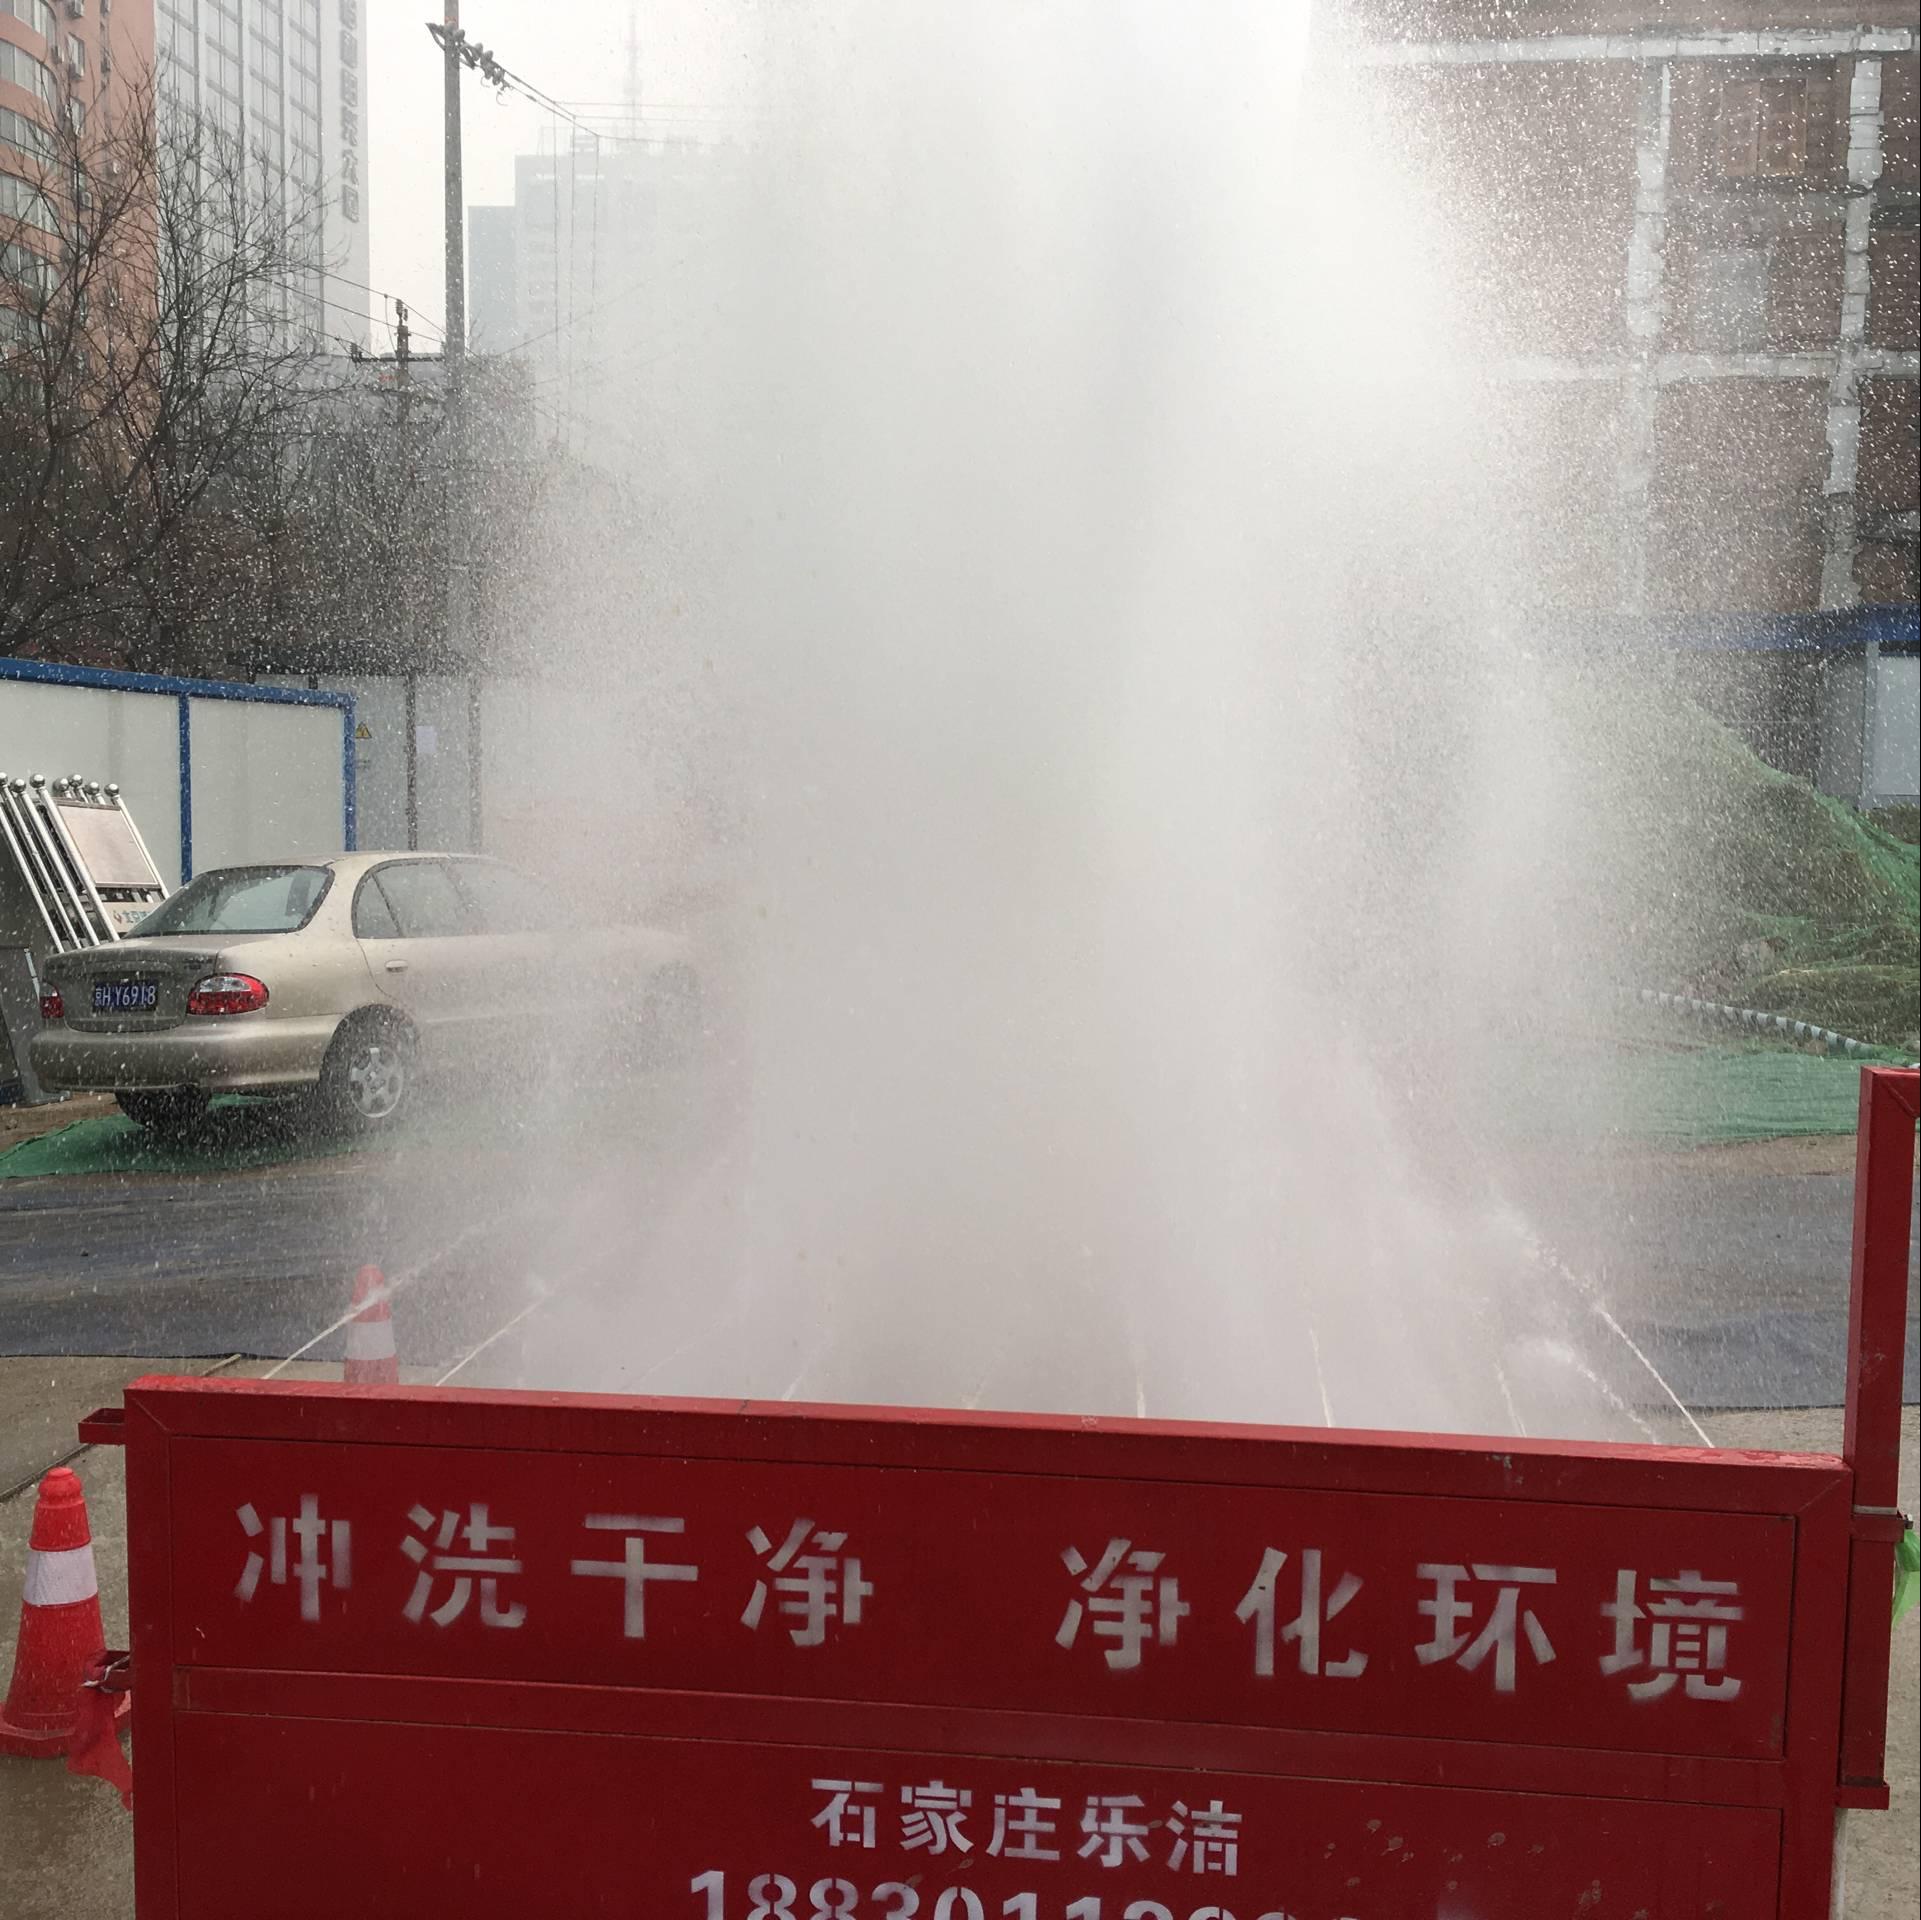 湘潭工地出土车辆自动冲洗装置/j车辆冲洗干净洁泰来帮忙